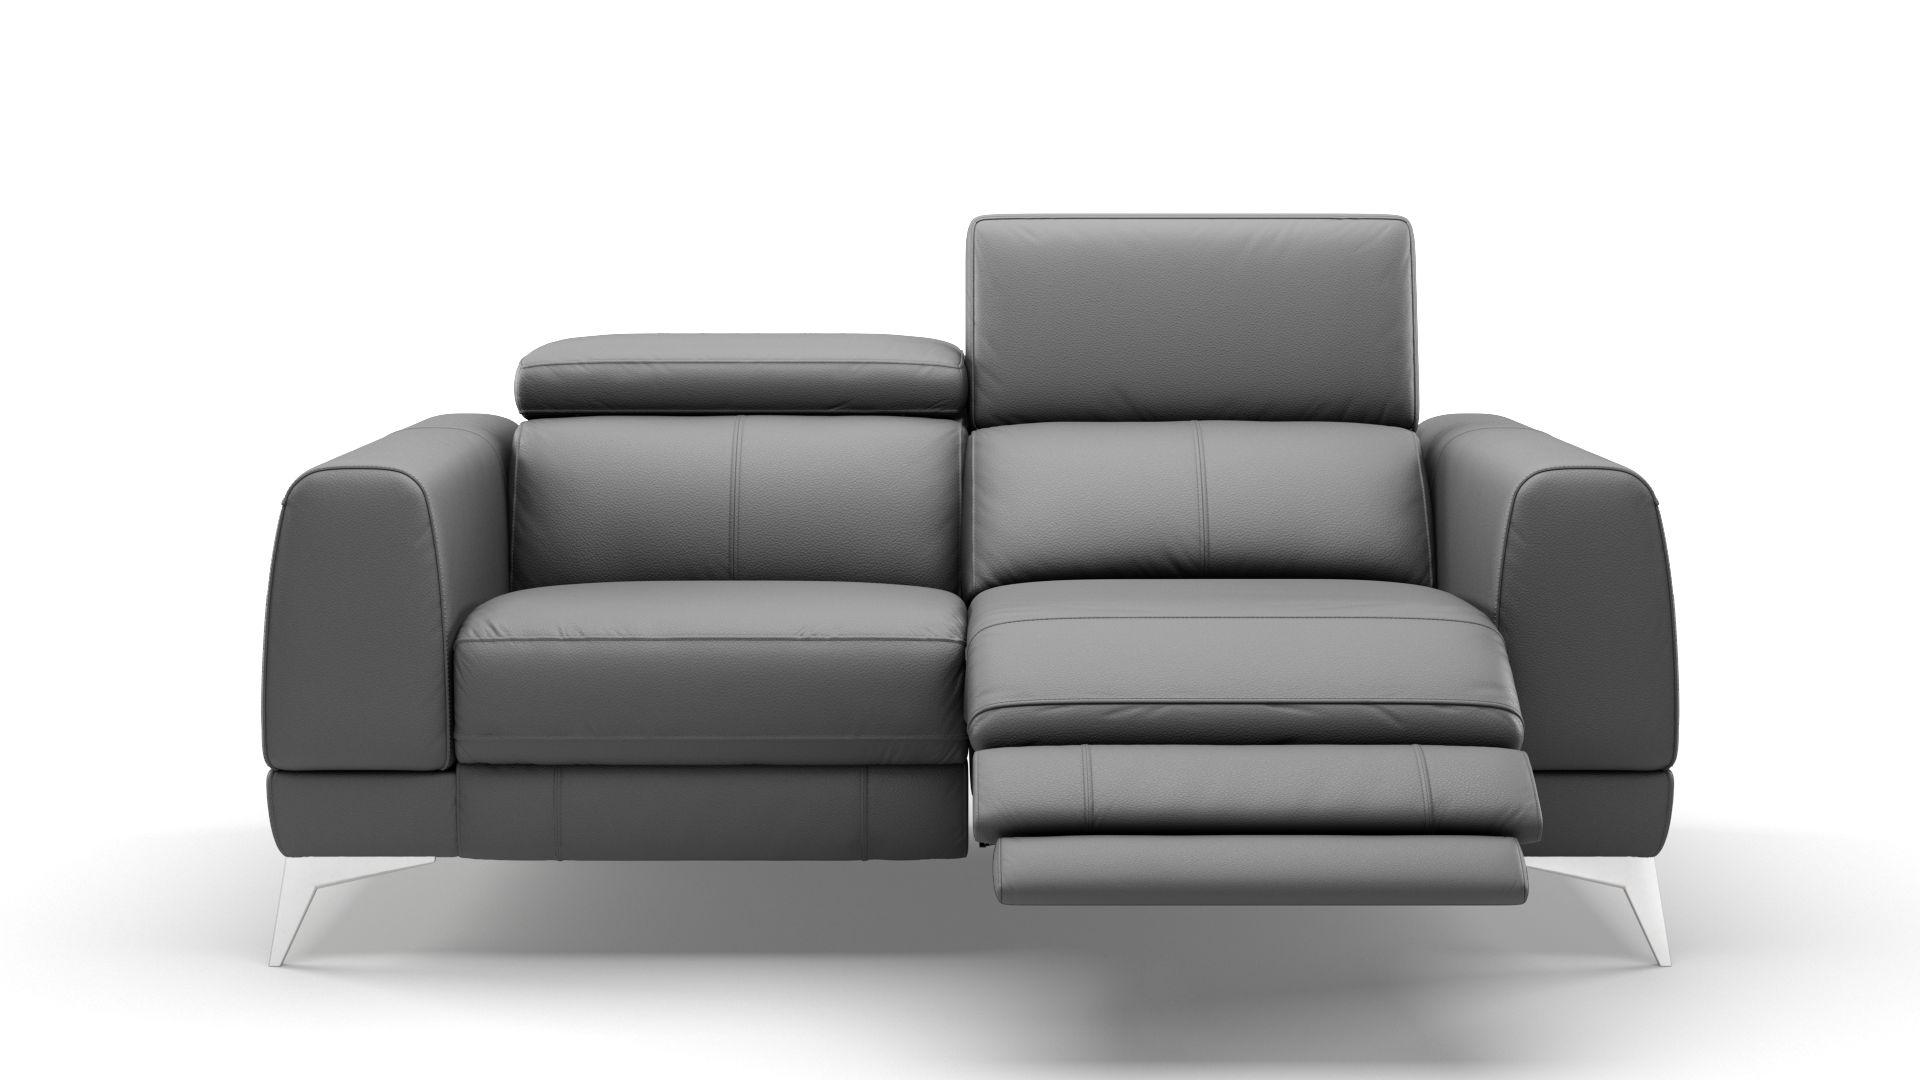 Full Size of Sofa Elektrisch Ist Geladen Statisch Aufgeladen Was Tun Aufgeladen Was Ikea Neues Designer Couch Marino Mit Relaxfunktion Sofanella Elektrischer Sofa Sofa Elektrisch